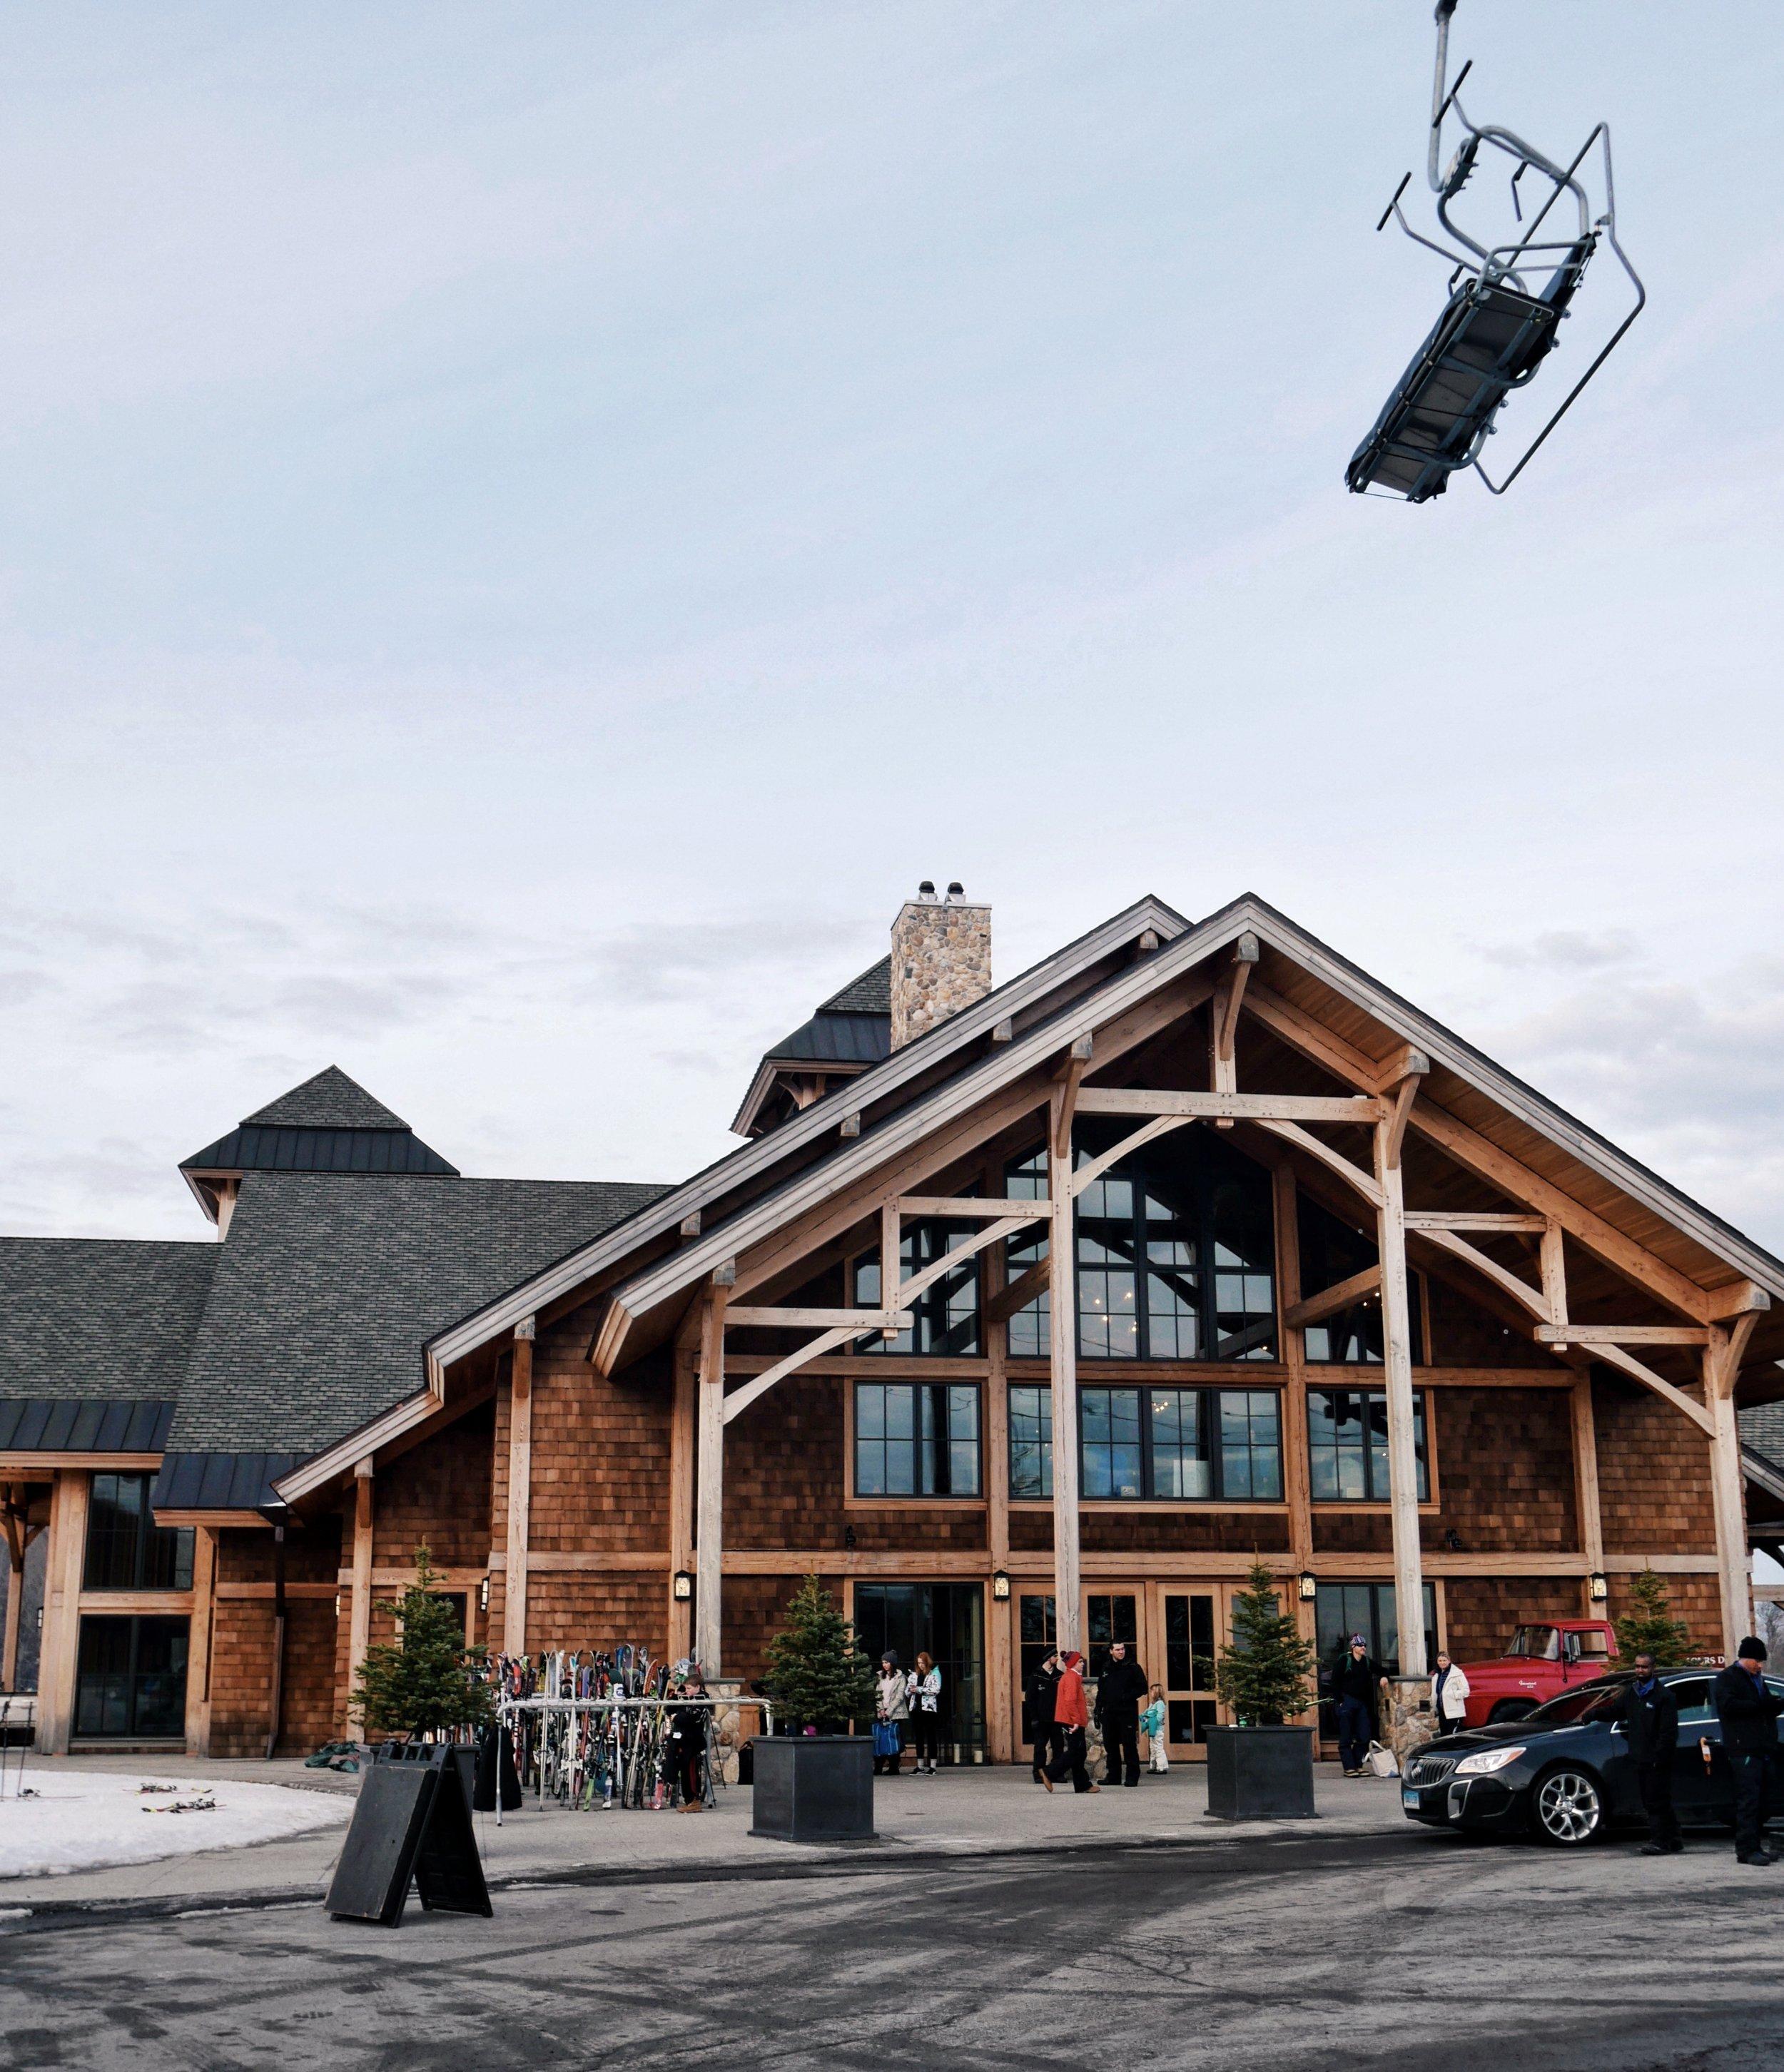 The Hermitage Ski Lodge